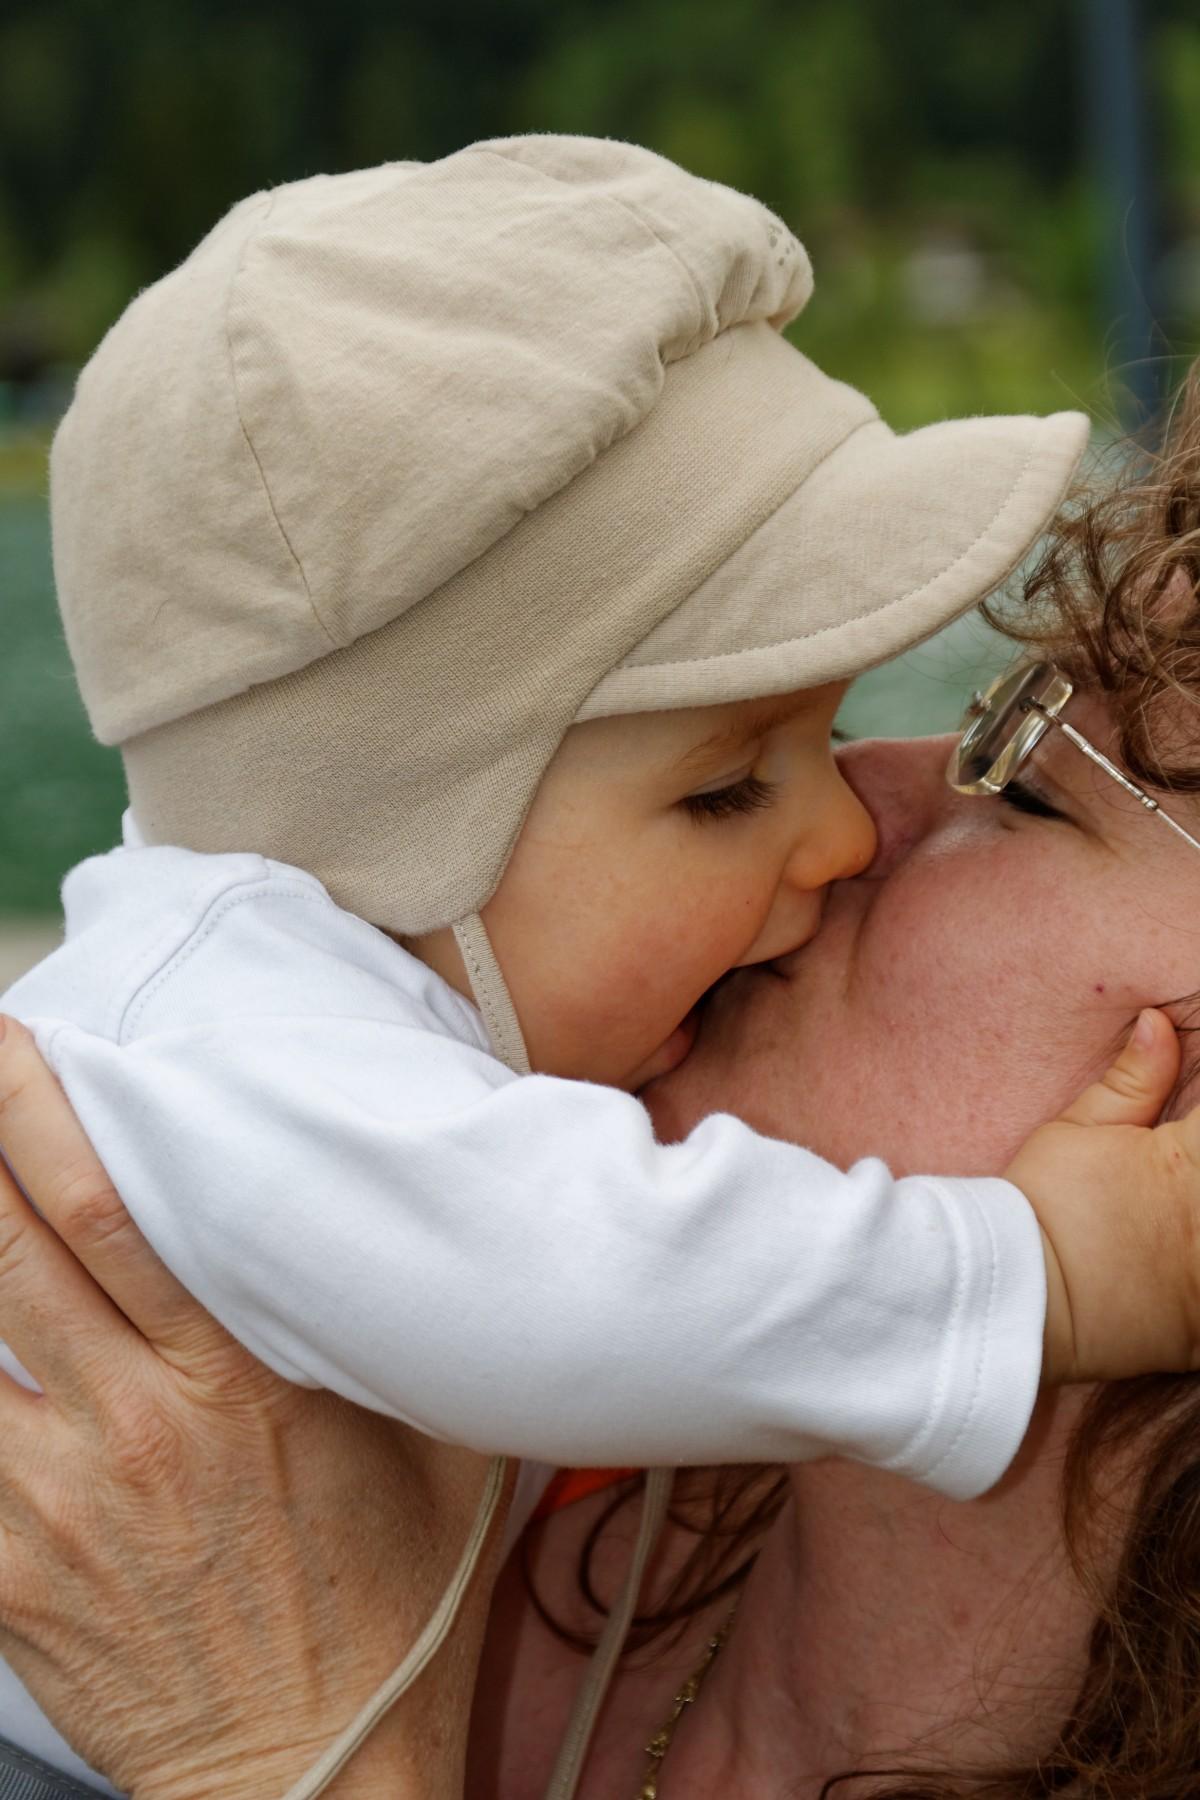 Дети целуются: картинки и фото дети целуются, скачать рисунок 2